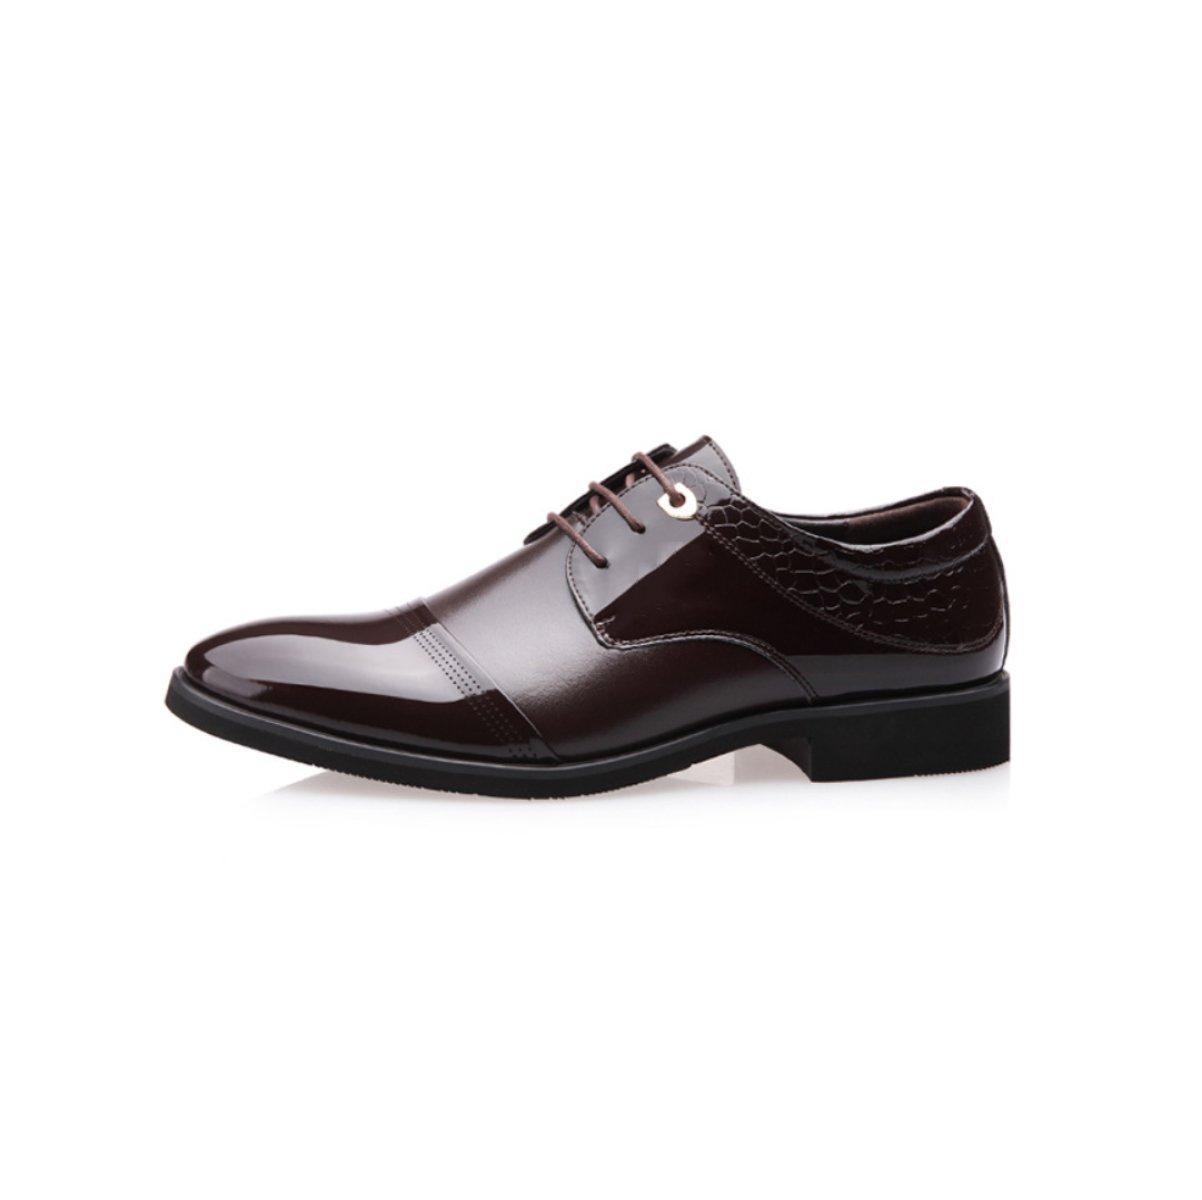 LYZGF Hommes Messieurs Affaires Occasionnel Mode Pointu Dentelle Chaussures En Cuir,Black-38